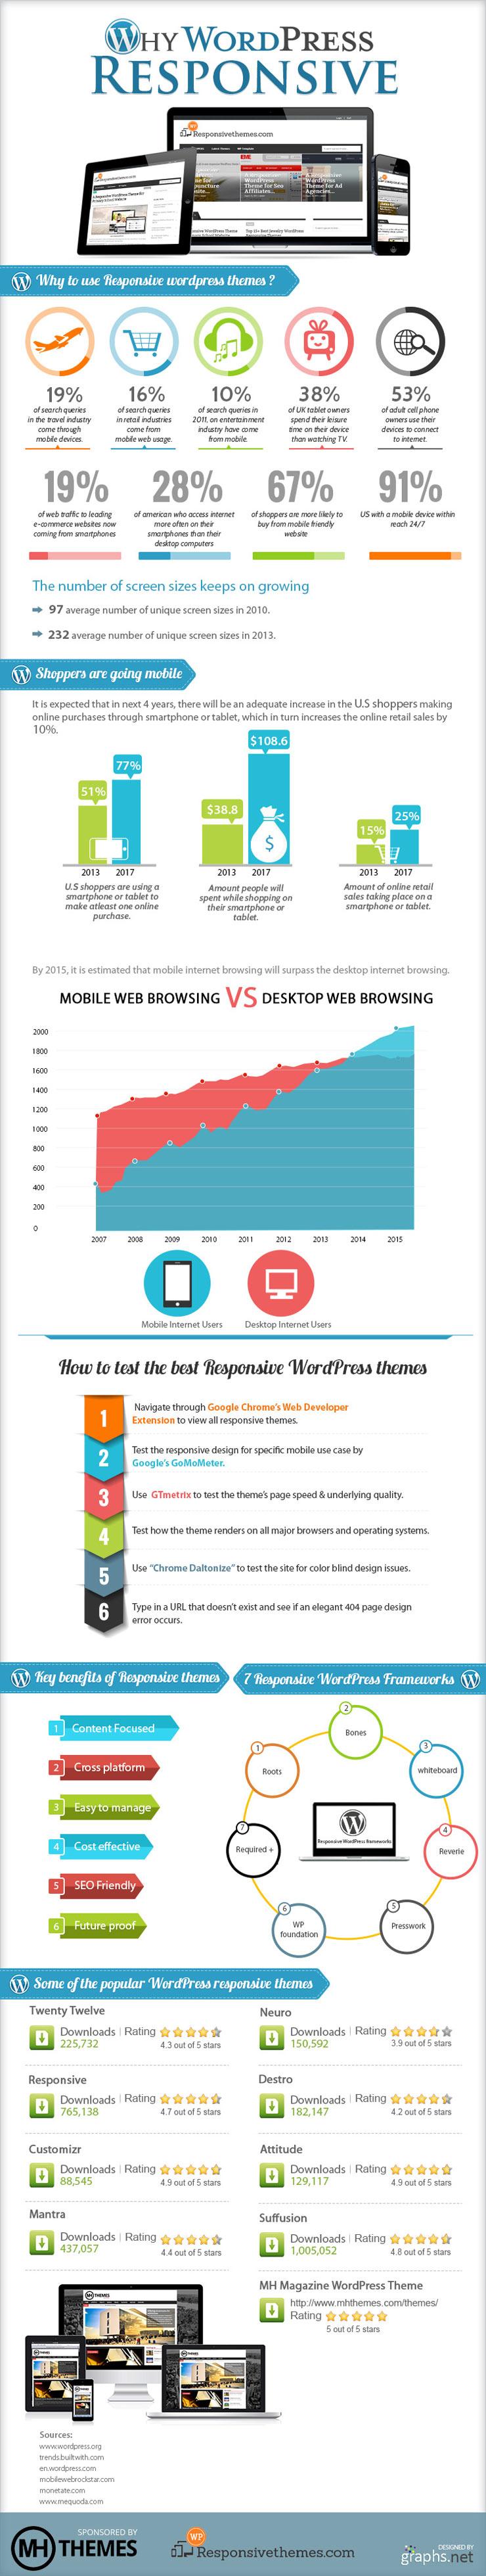 Responvie Website Infographic